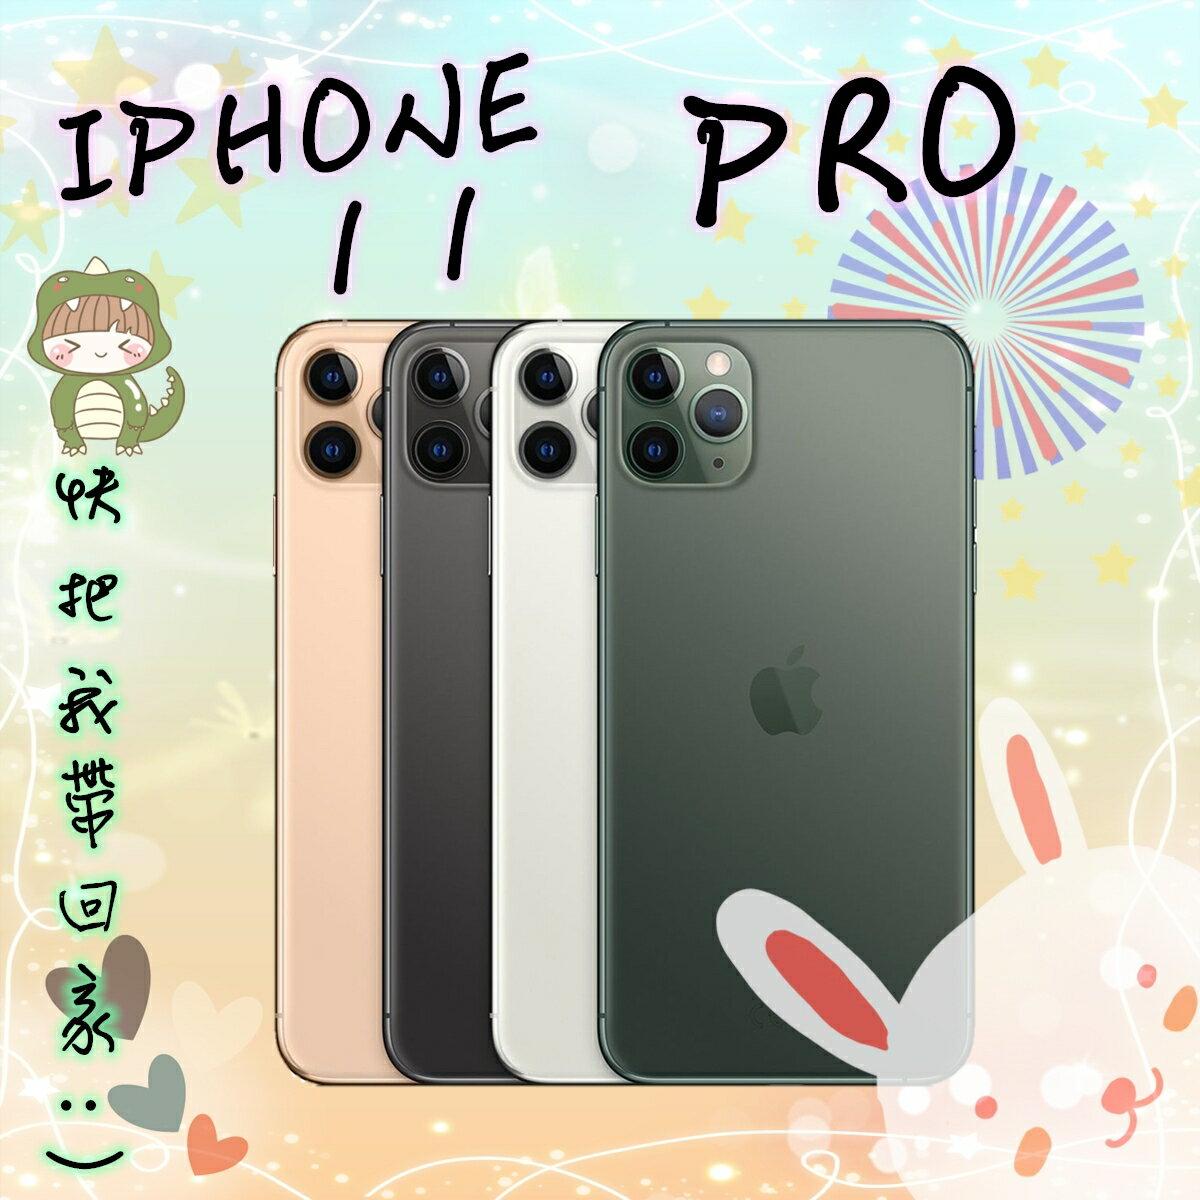 iPhone 11 Pro 256G 5.8吋 APPLE 隔天到貨 全新未拆公司貨 原廠保固一年